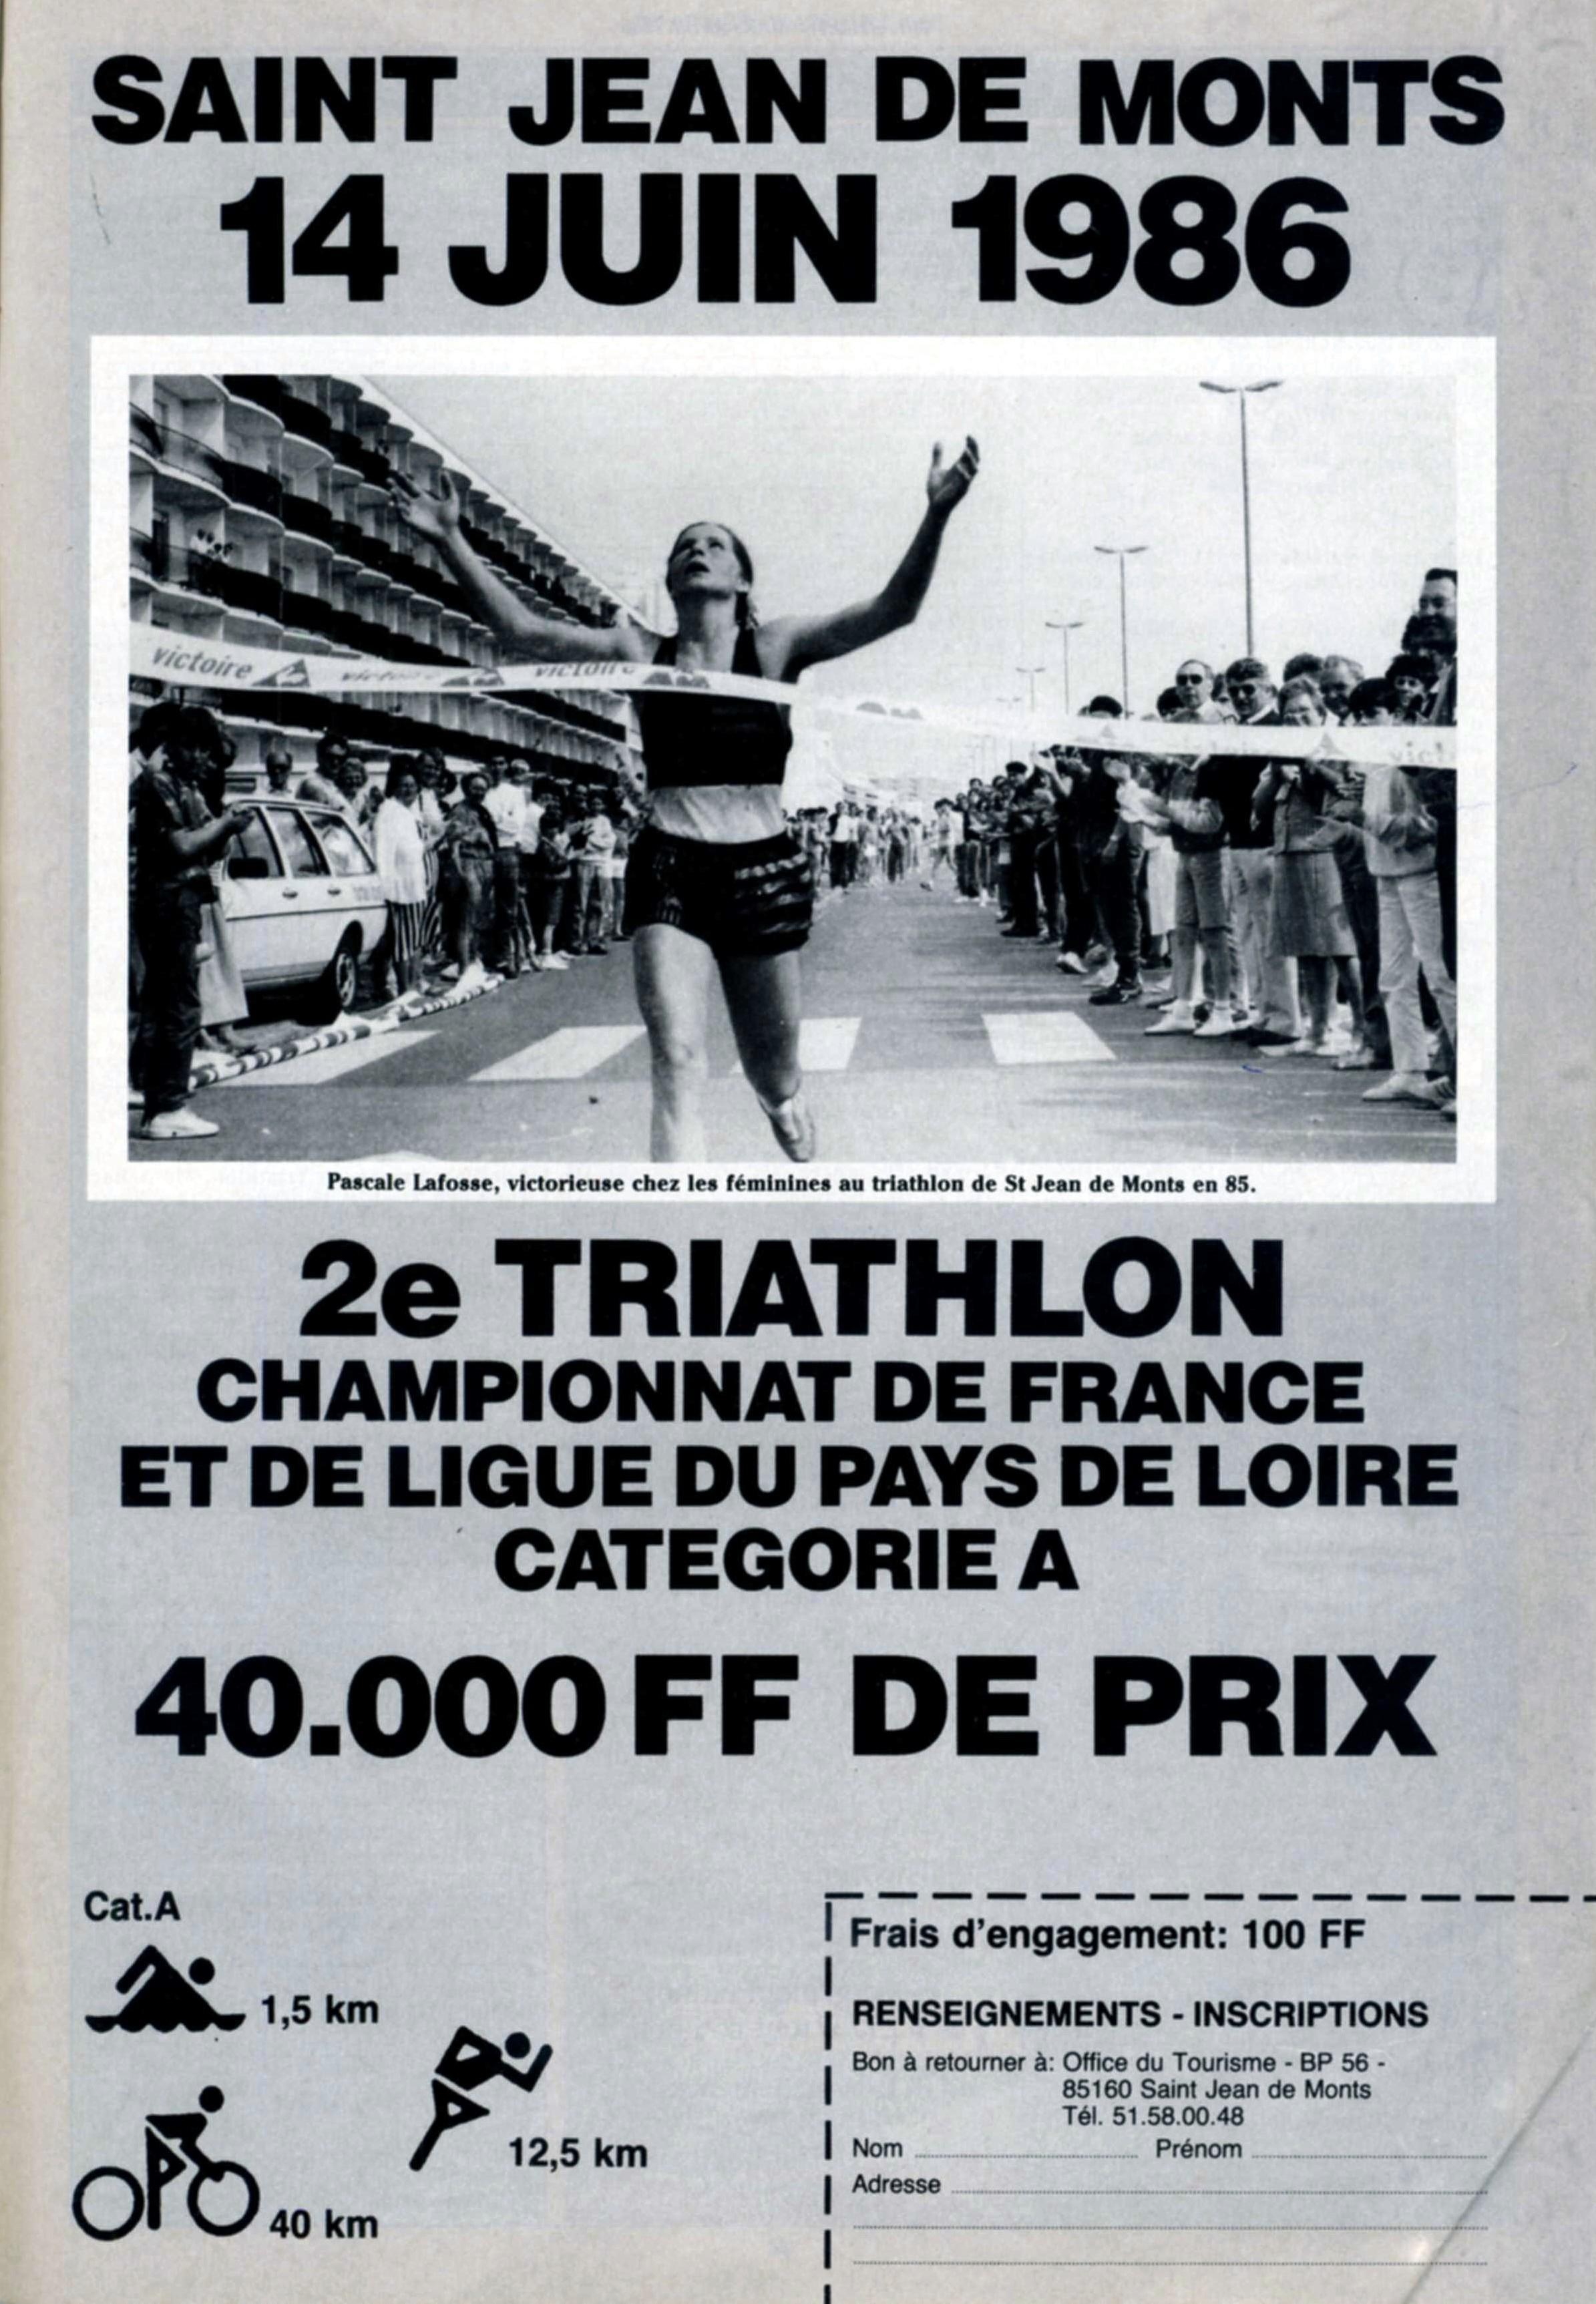 img[A]143_14-juin-1986_saint-jean-de-monts-pub